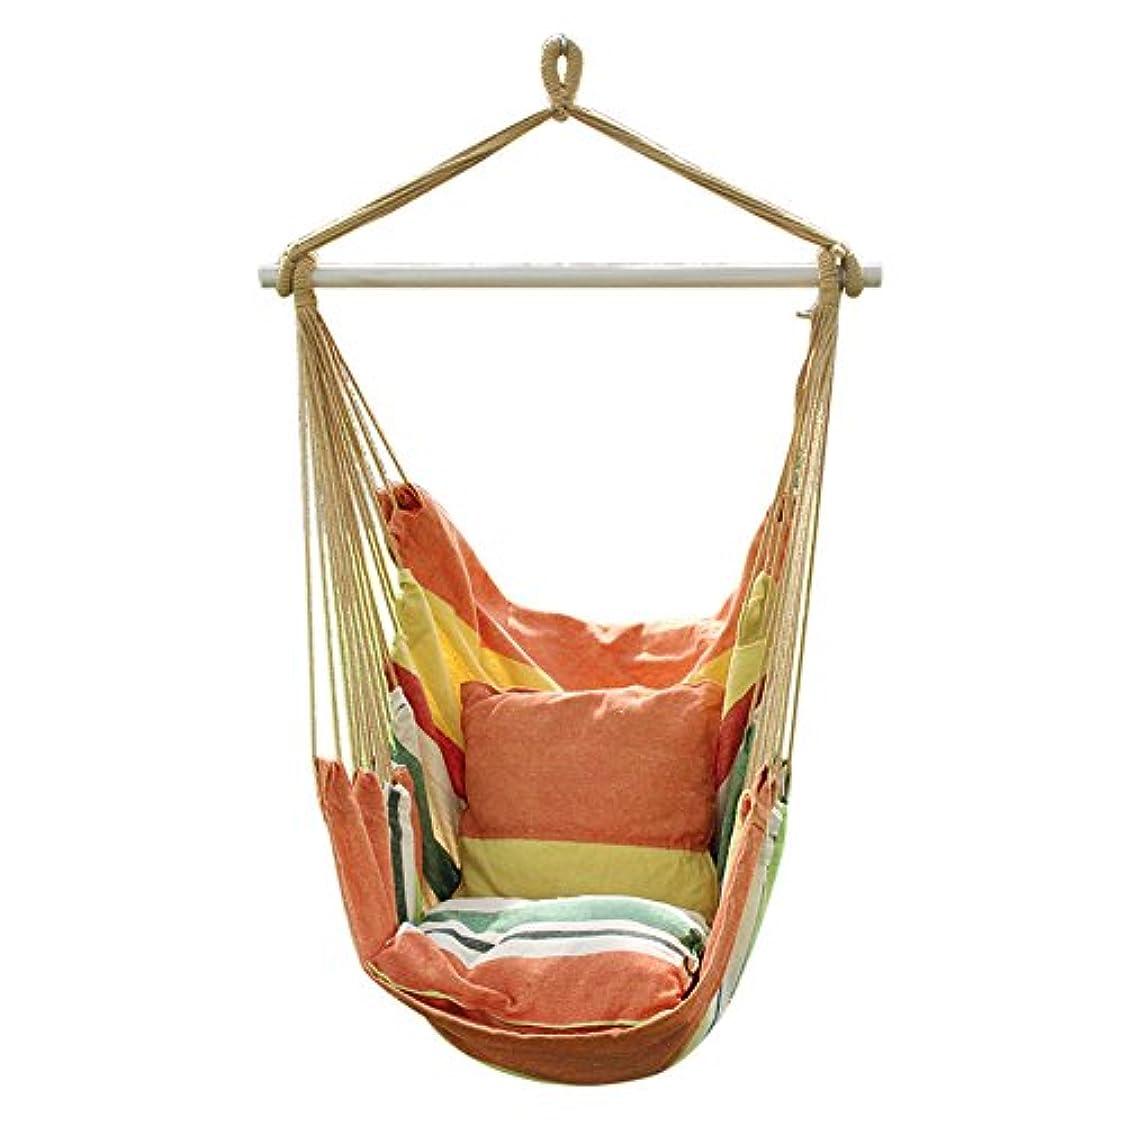 手がかりクラシック幻滅するANPI カンバス ハンモックチェア ロープチェア 室内 戸外 ガーデン 耐荷重量120kg 2クッション付き 5色 帆布 屋外家具 椅子型ハンモック